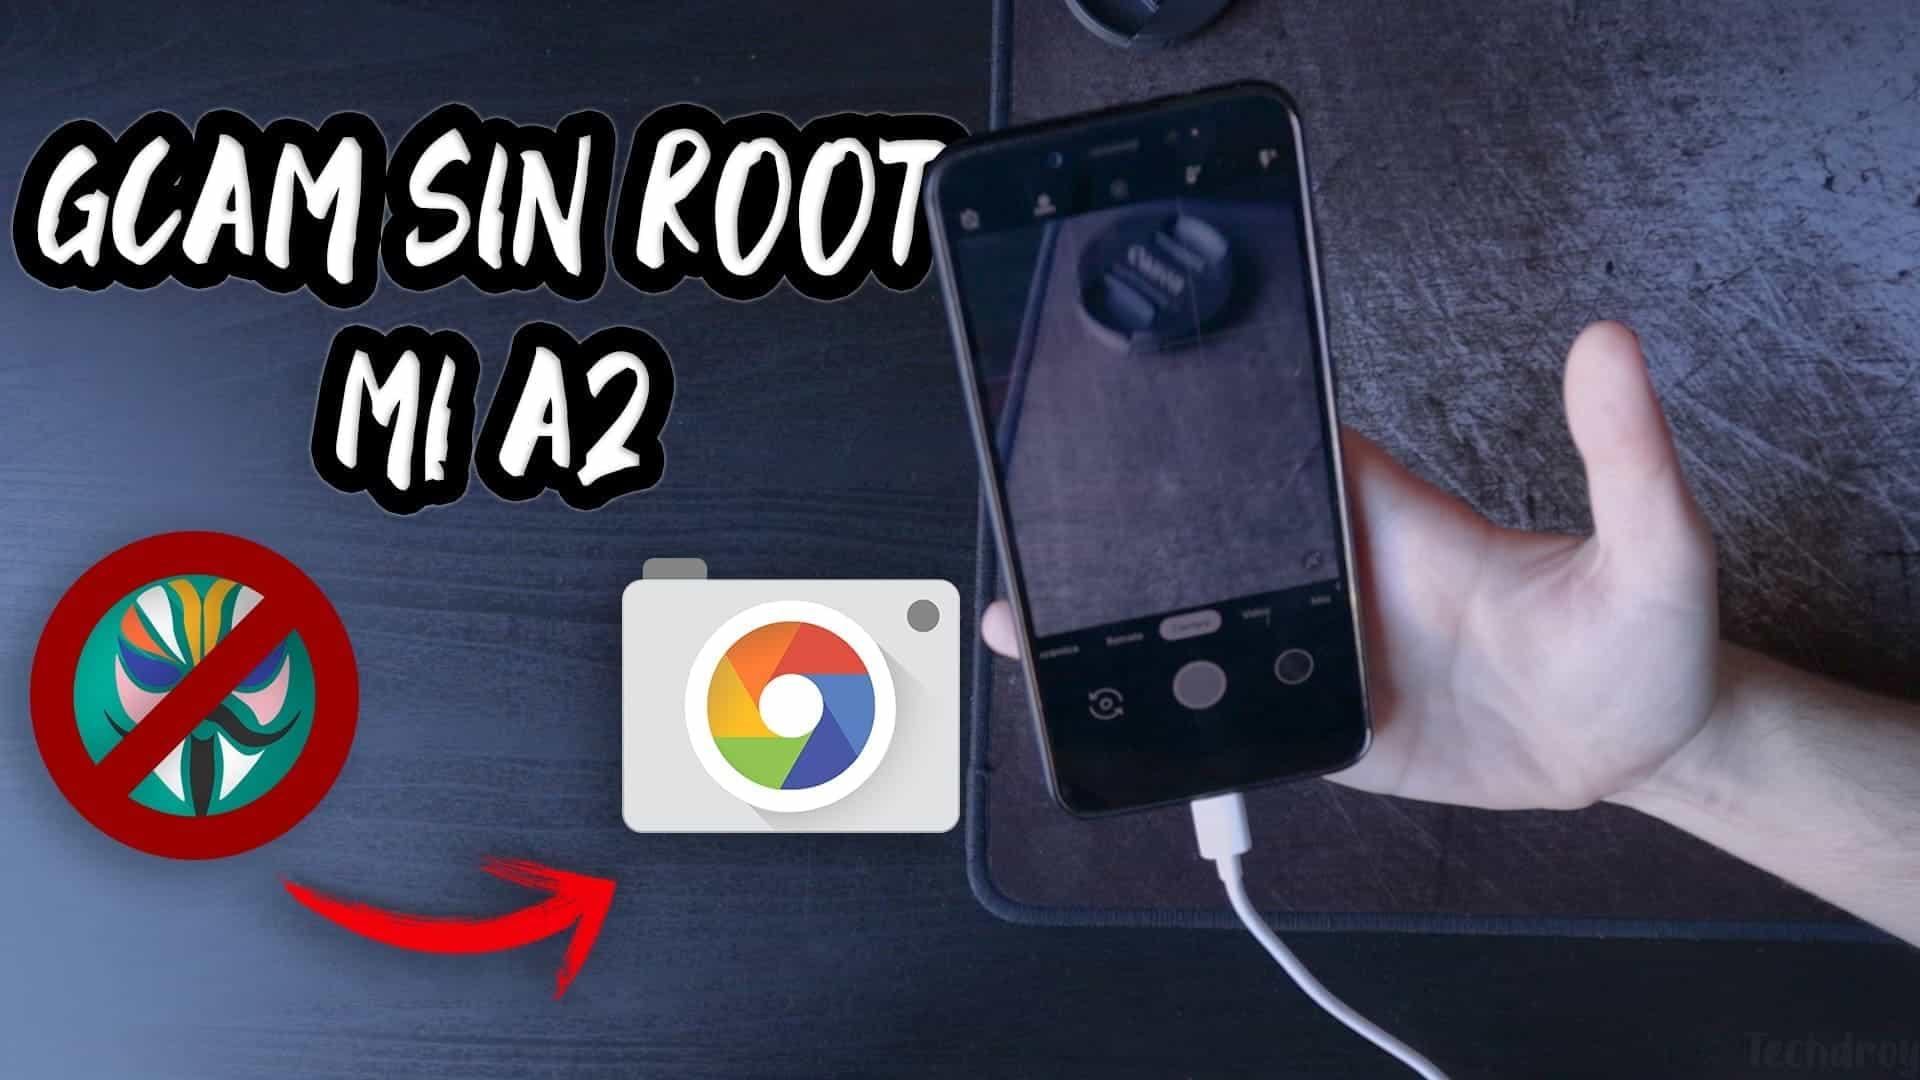 Cómo instalar la GCam sin root en el Xiaomi Mi A2 y Mi A2 Lite en